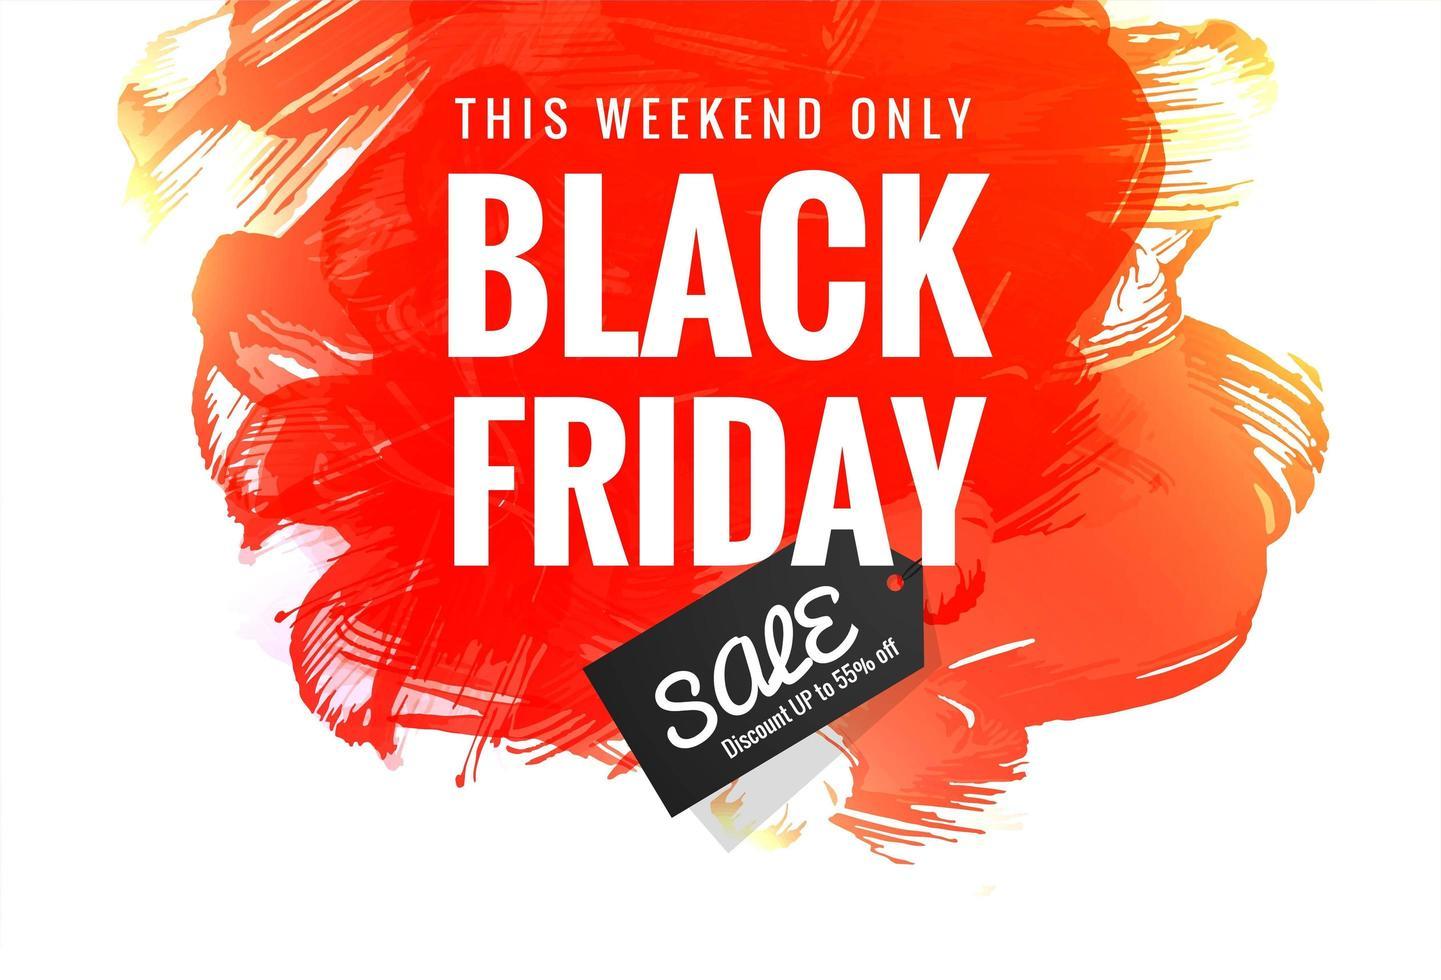 zwarte vrijdag concept met aquarel vlek achtergrond vector